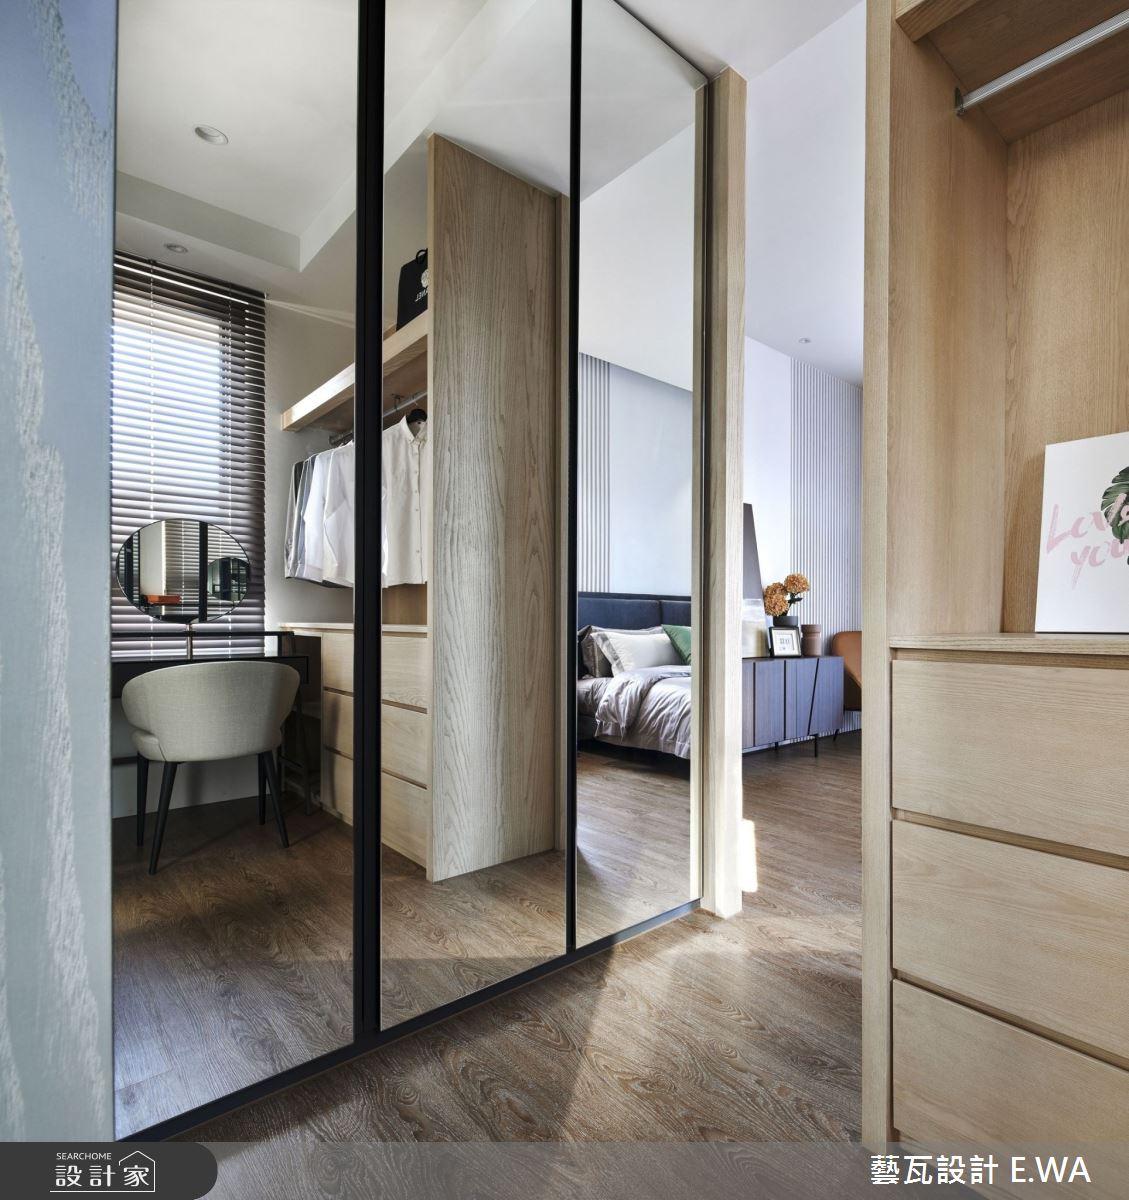 90坪新成屋(5年以下)_現代風更衣間案例圖片_藝瓦室內設計_藝瓦_25之19